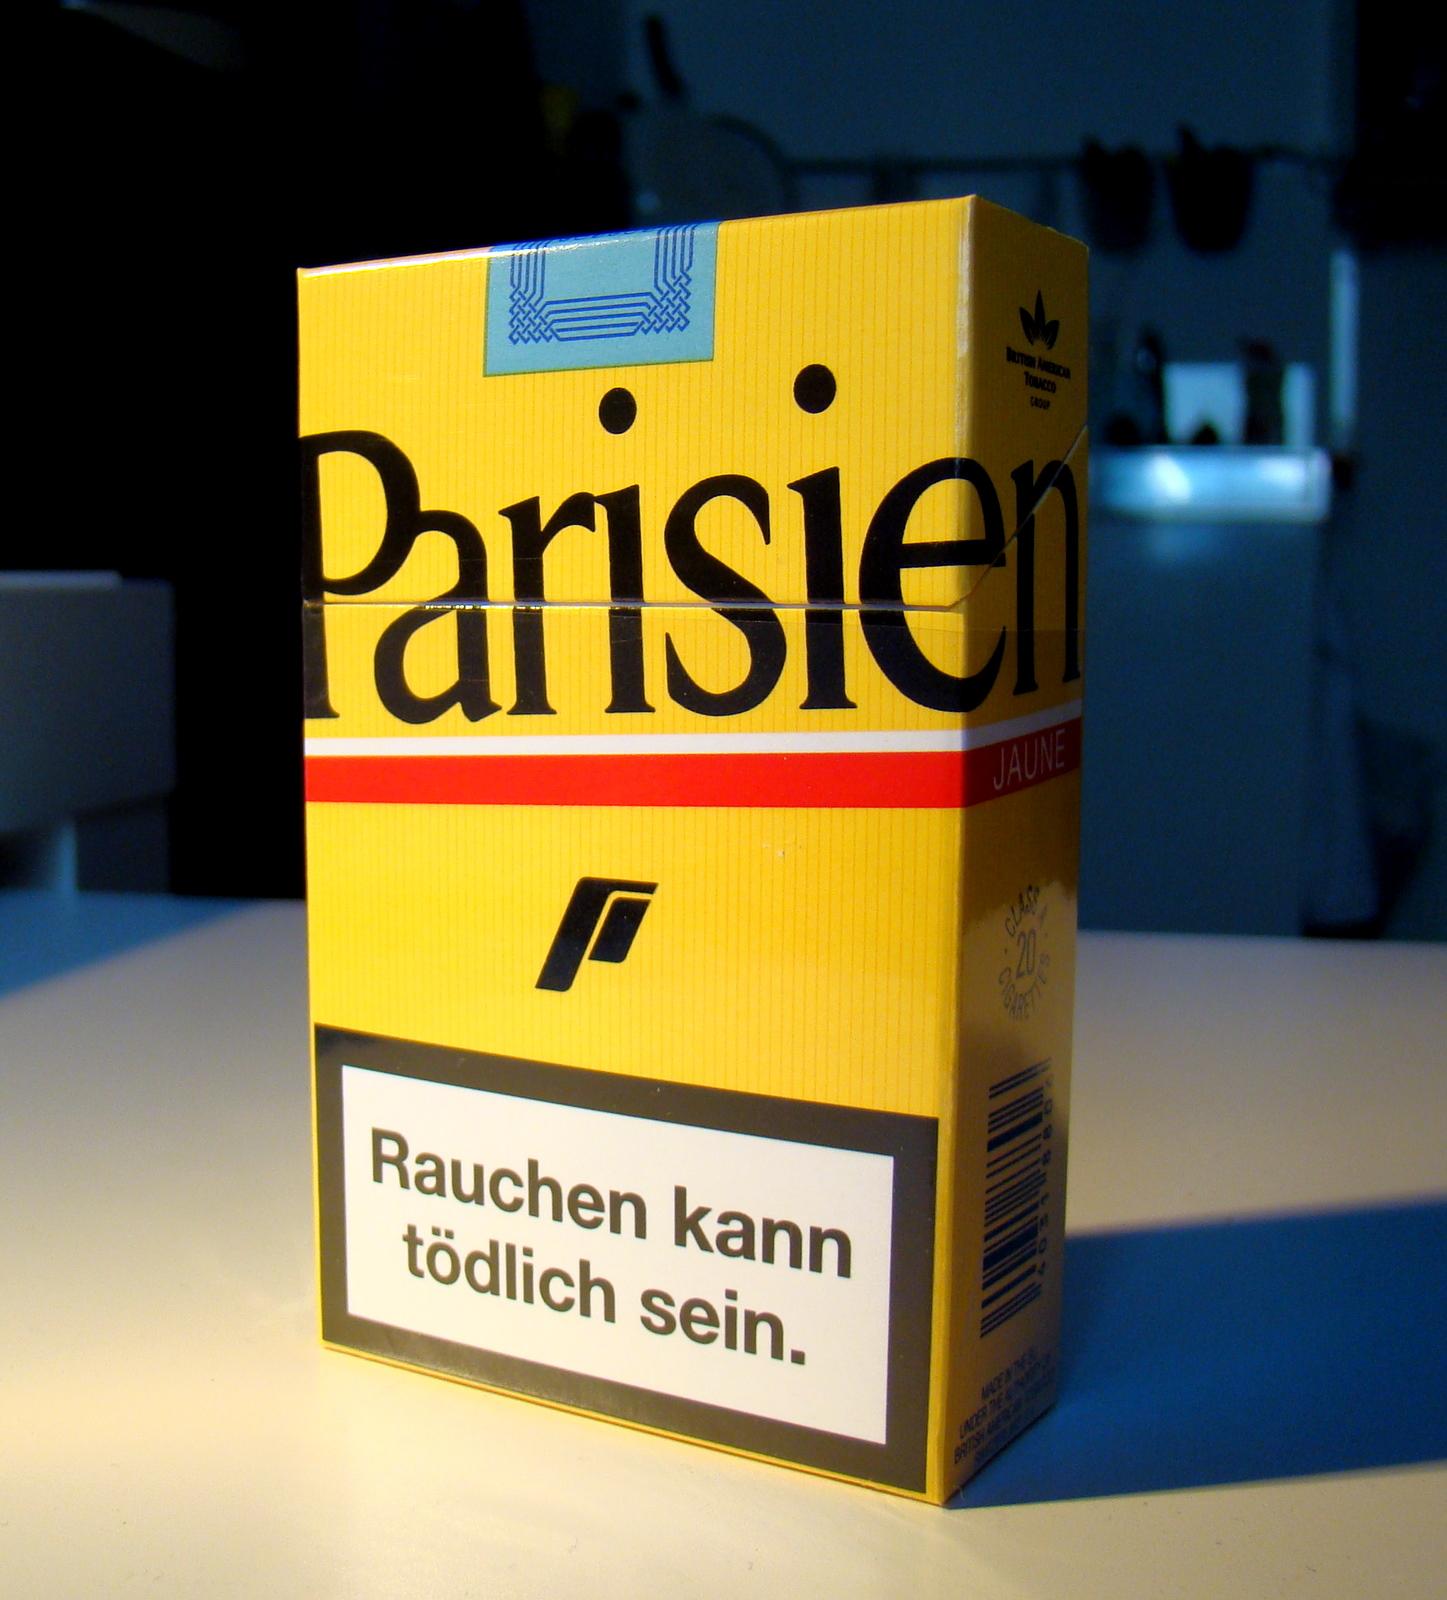 parisienne сигареты купить в москве